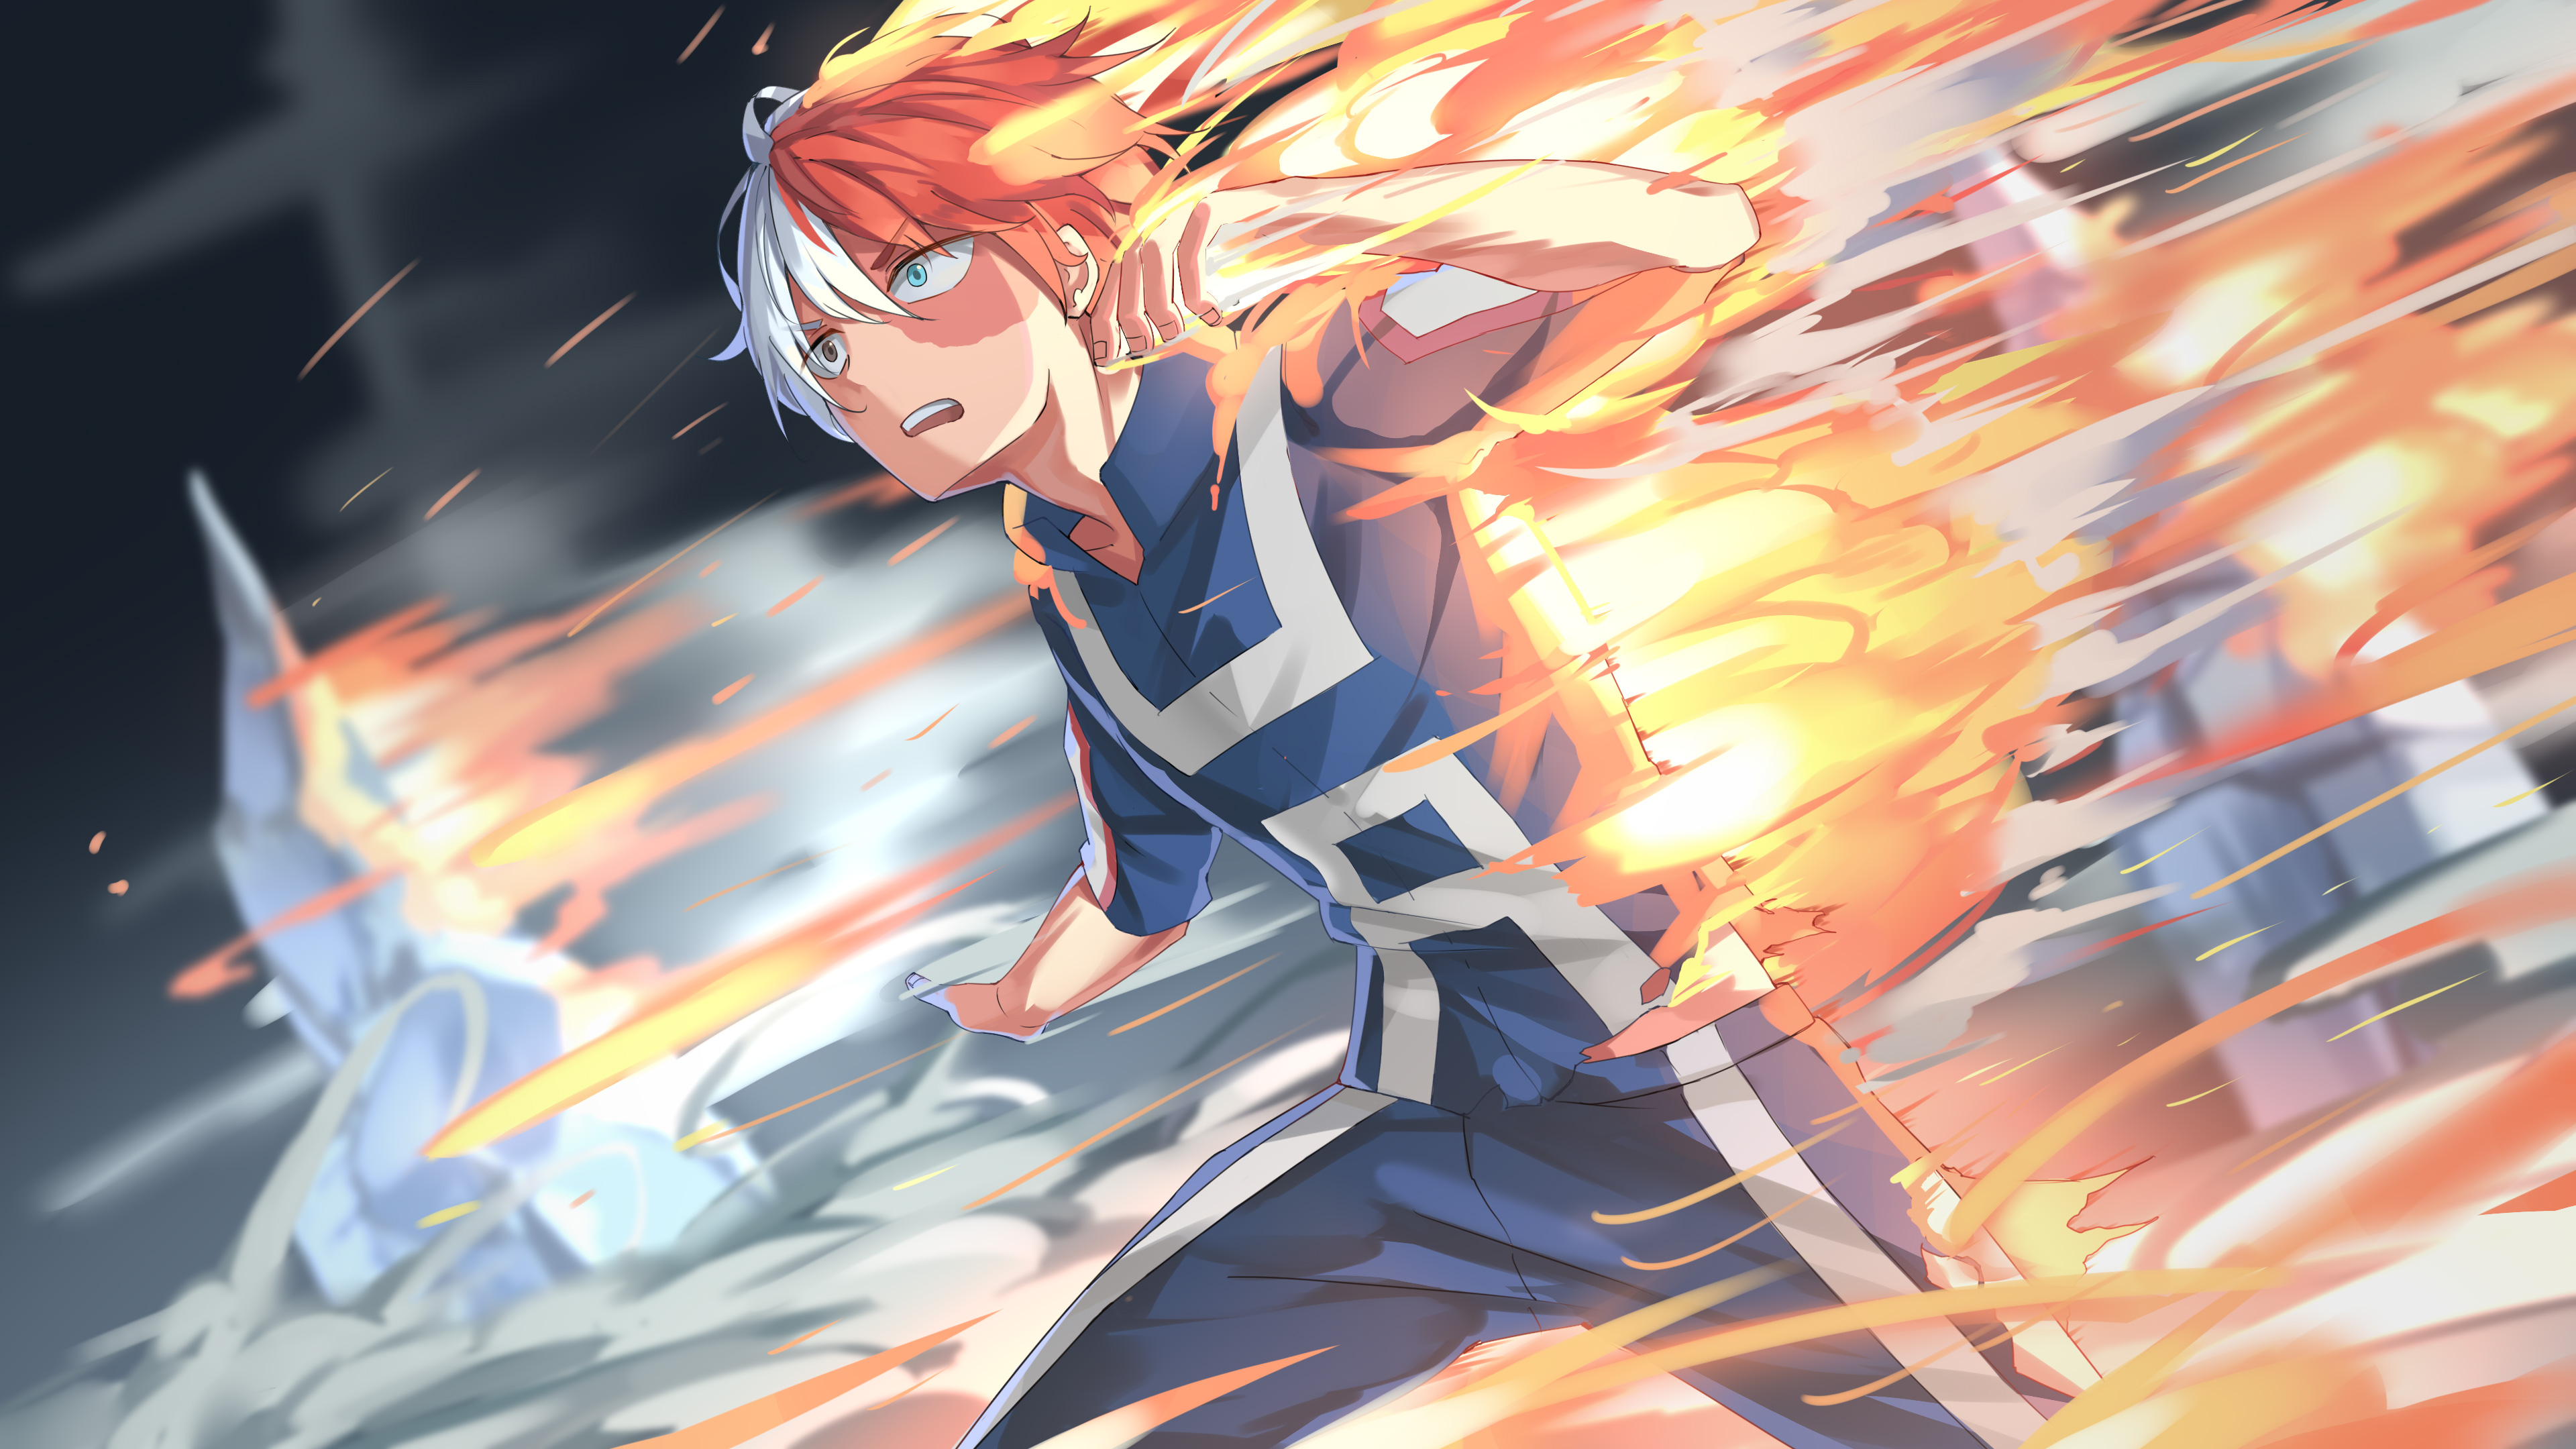 Fondos de pantalla Anime Shoto Todoroki de My Hero Academia